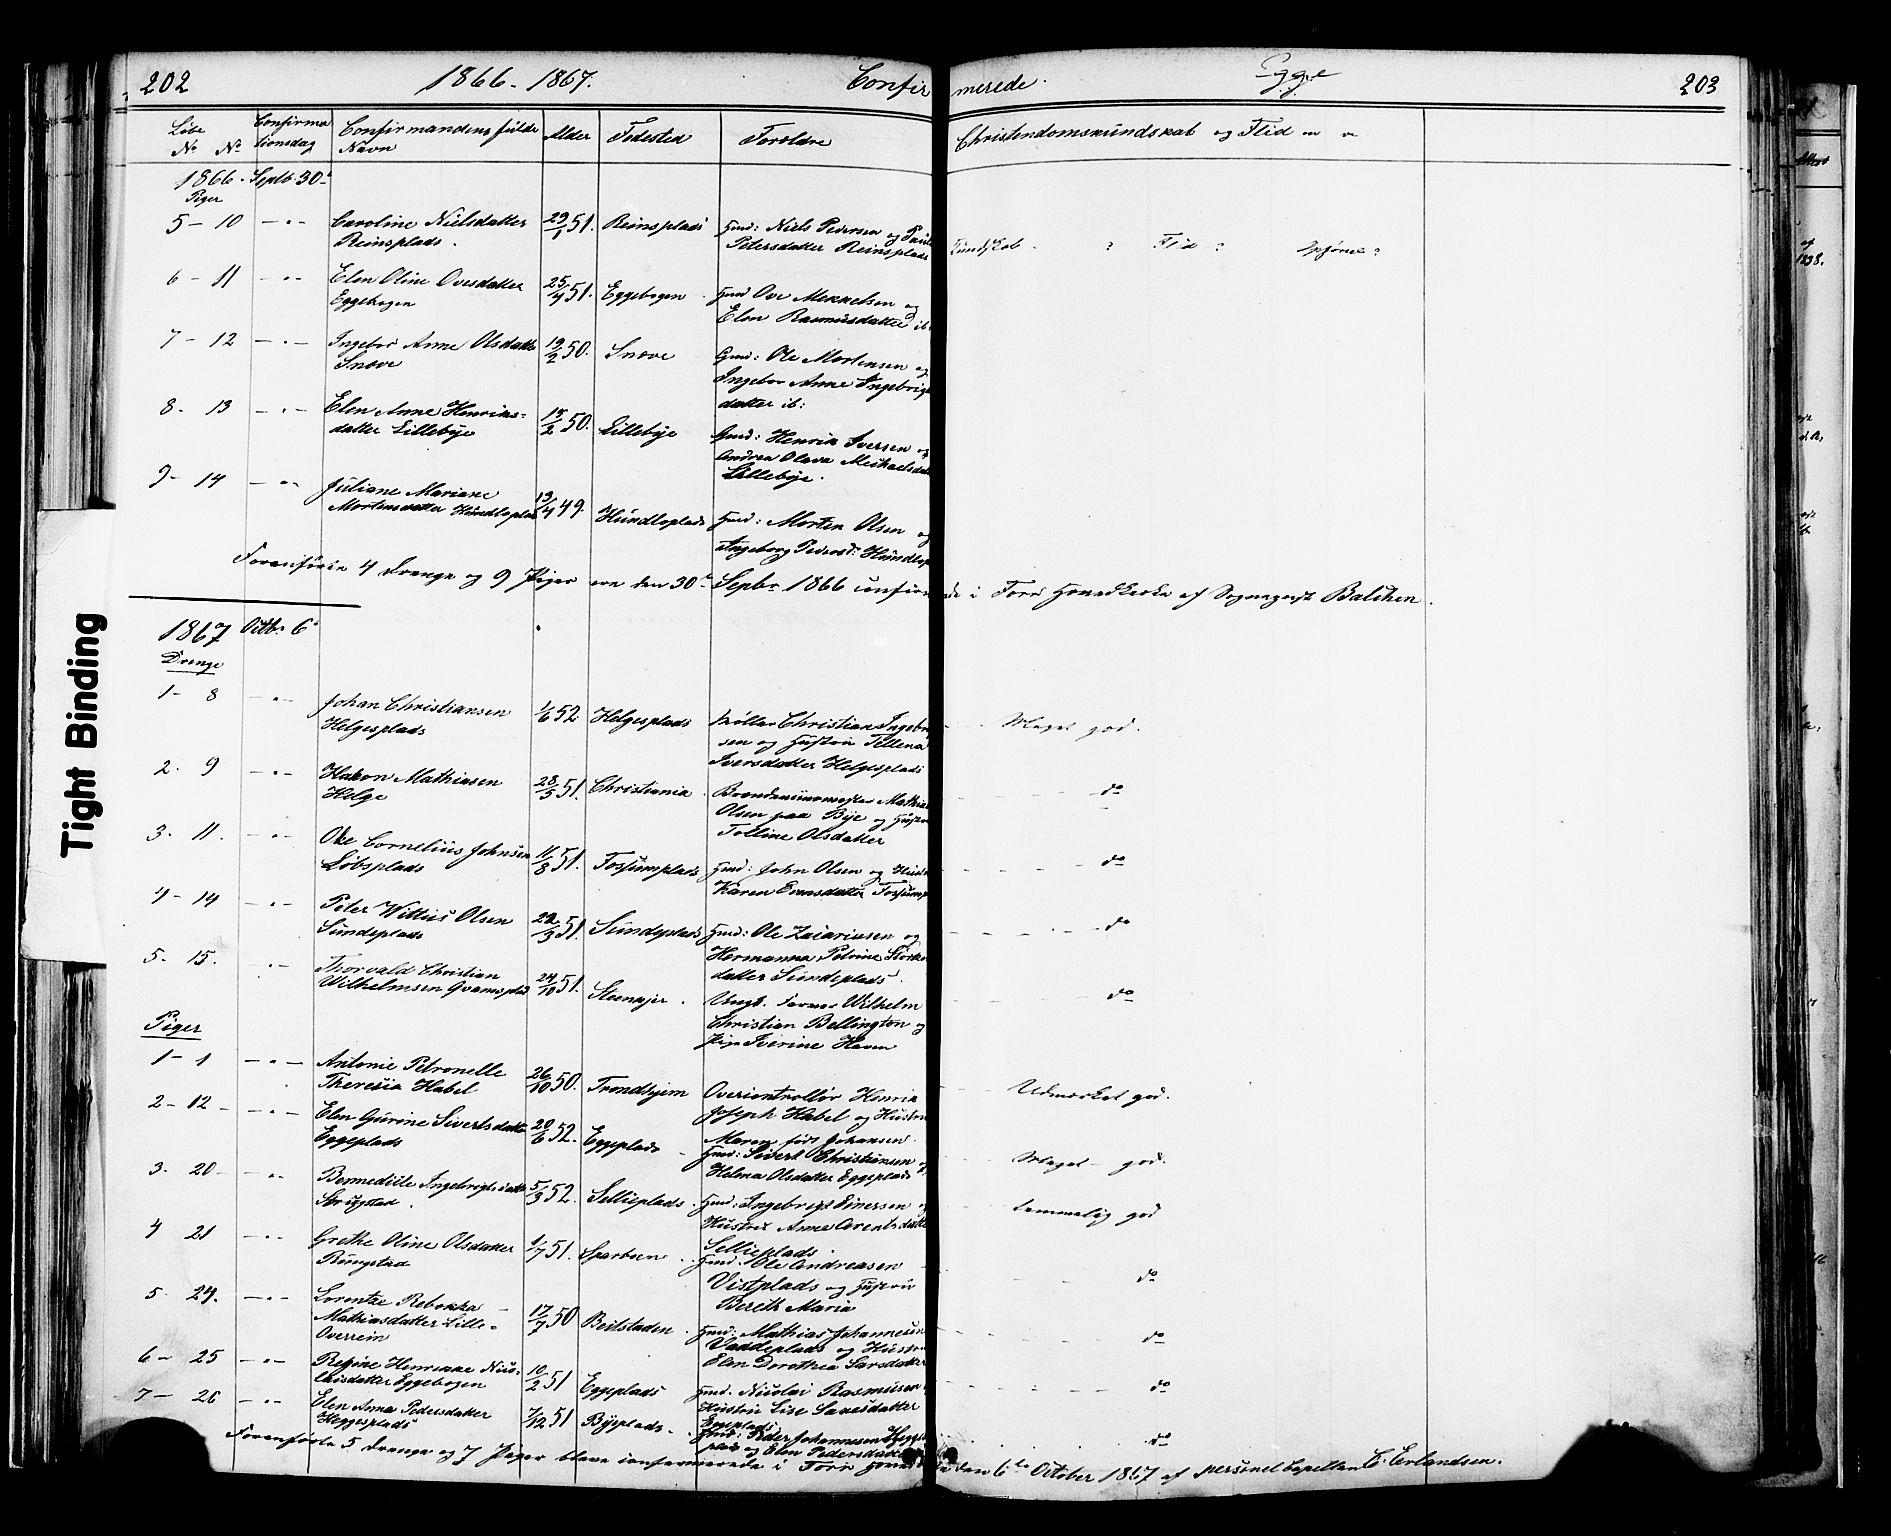 SAT, Ministerialprotokoller, klokkerbøker og fødselsregistre - Nord-Trøndelag, 739/L0367: Ministerialbok nr. 739A01 /3, 1838-1868, s. 202-203